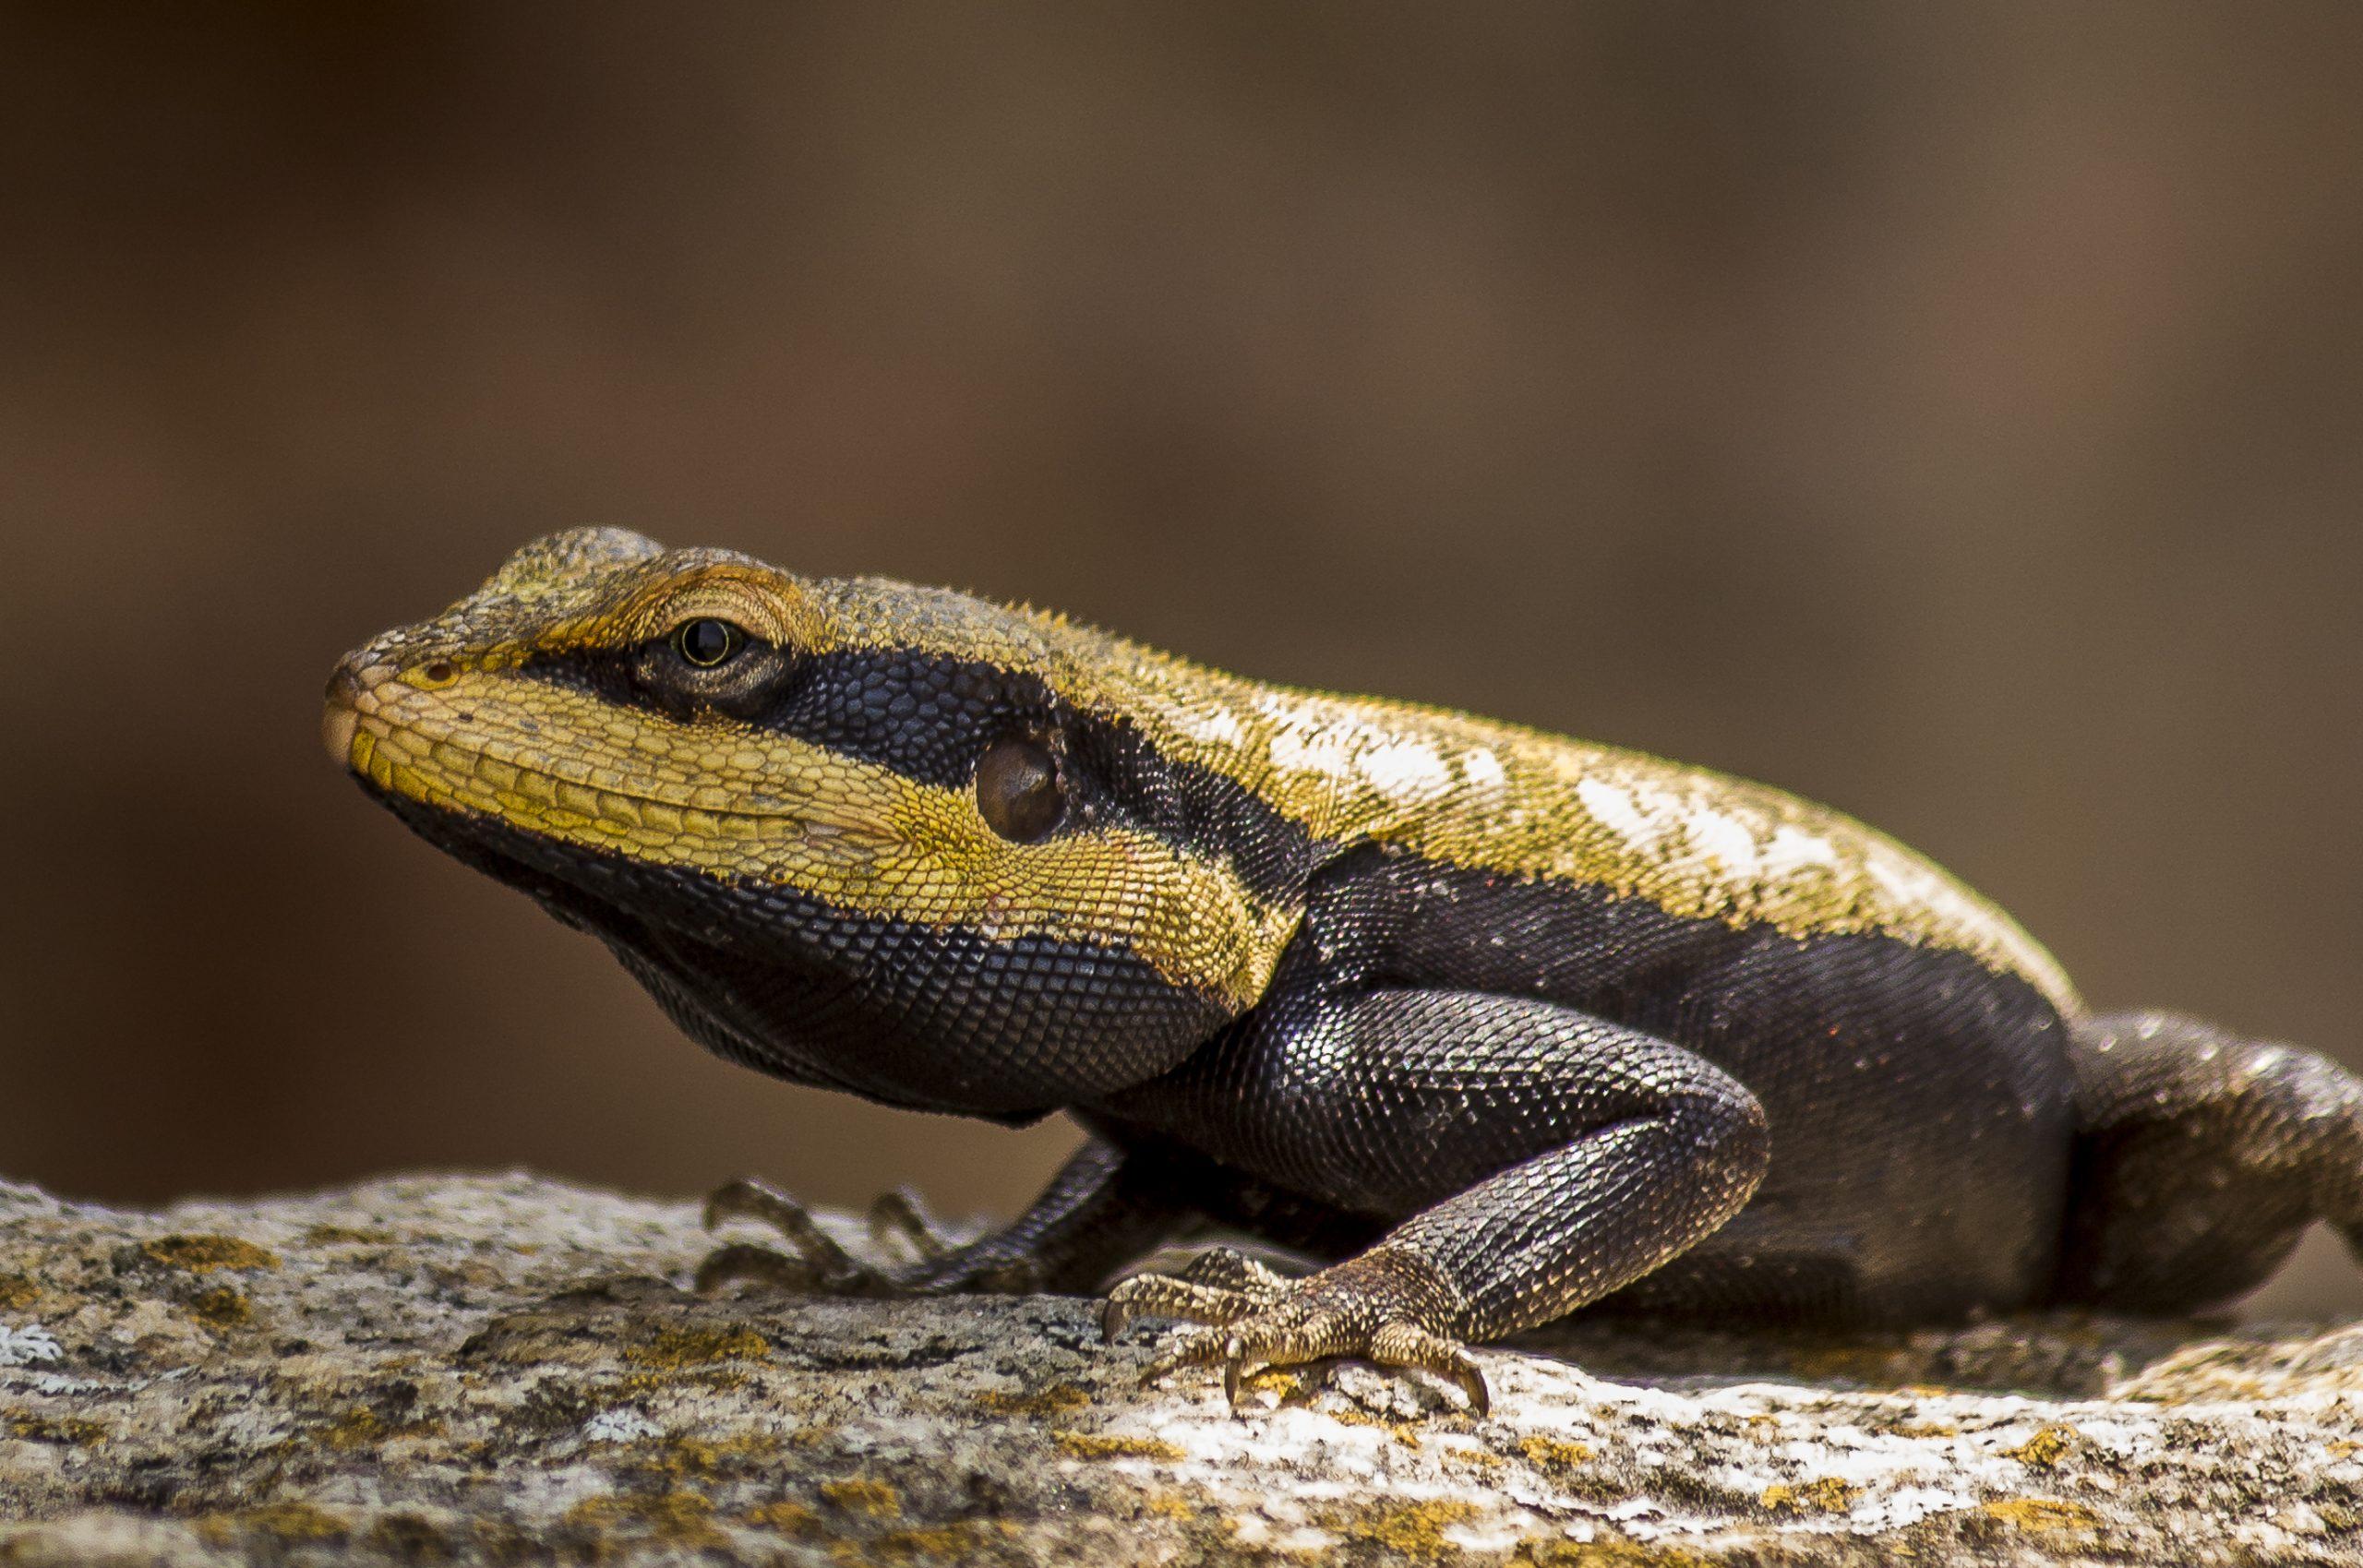 Lizard sitting on a rock